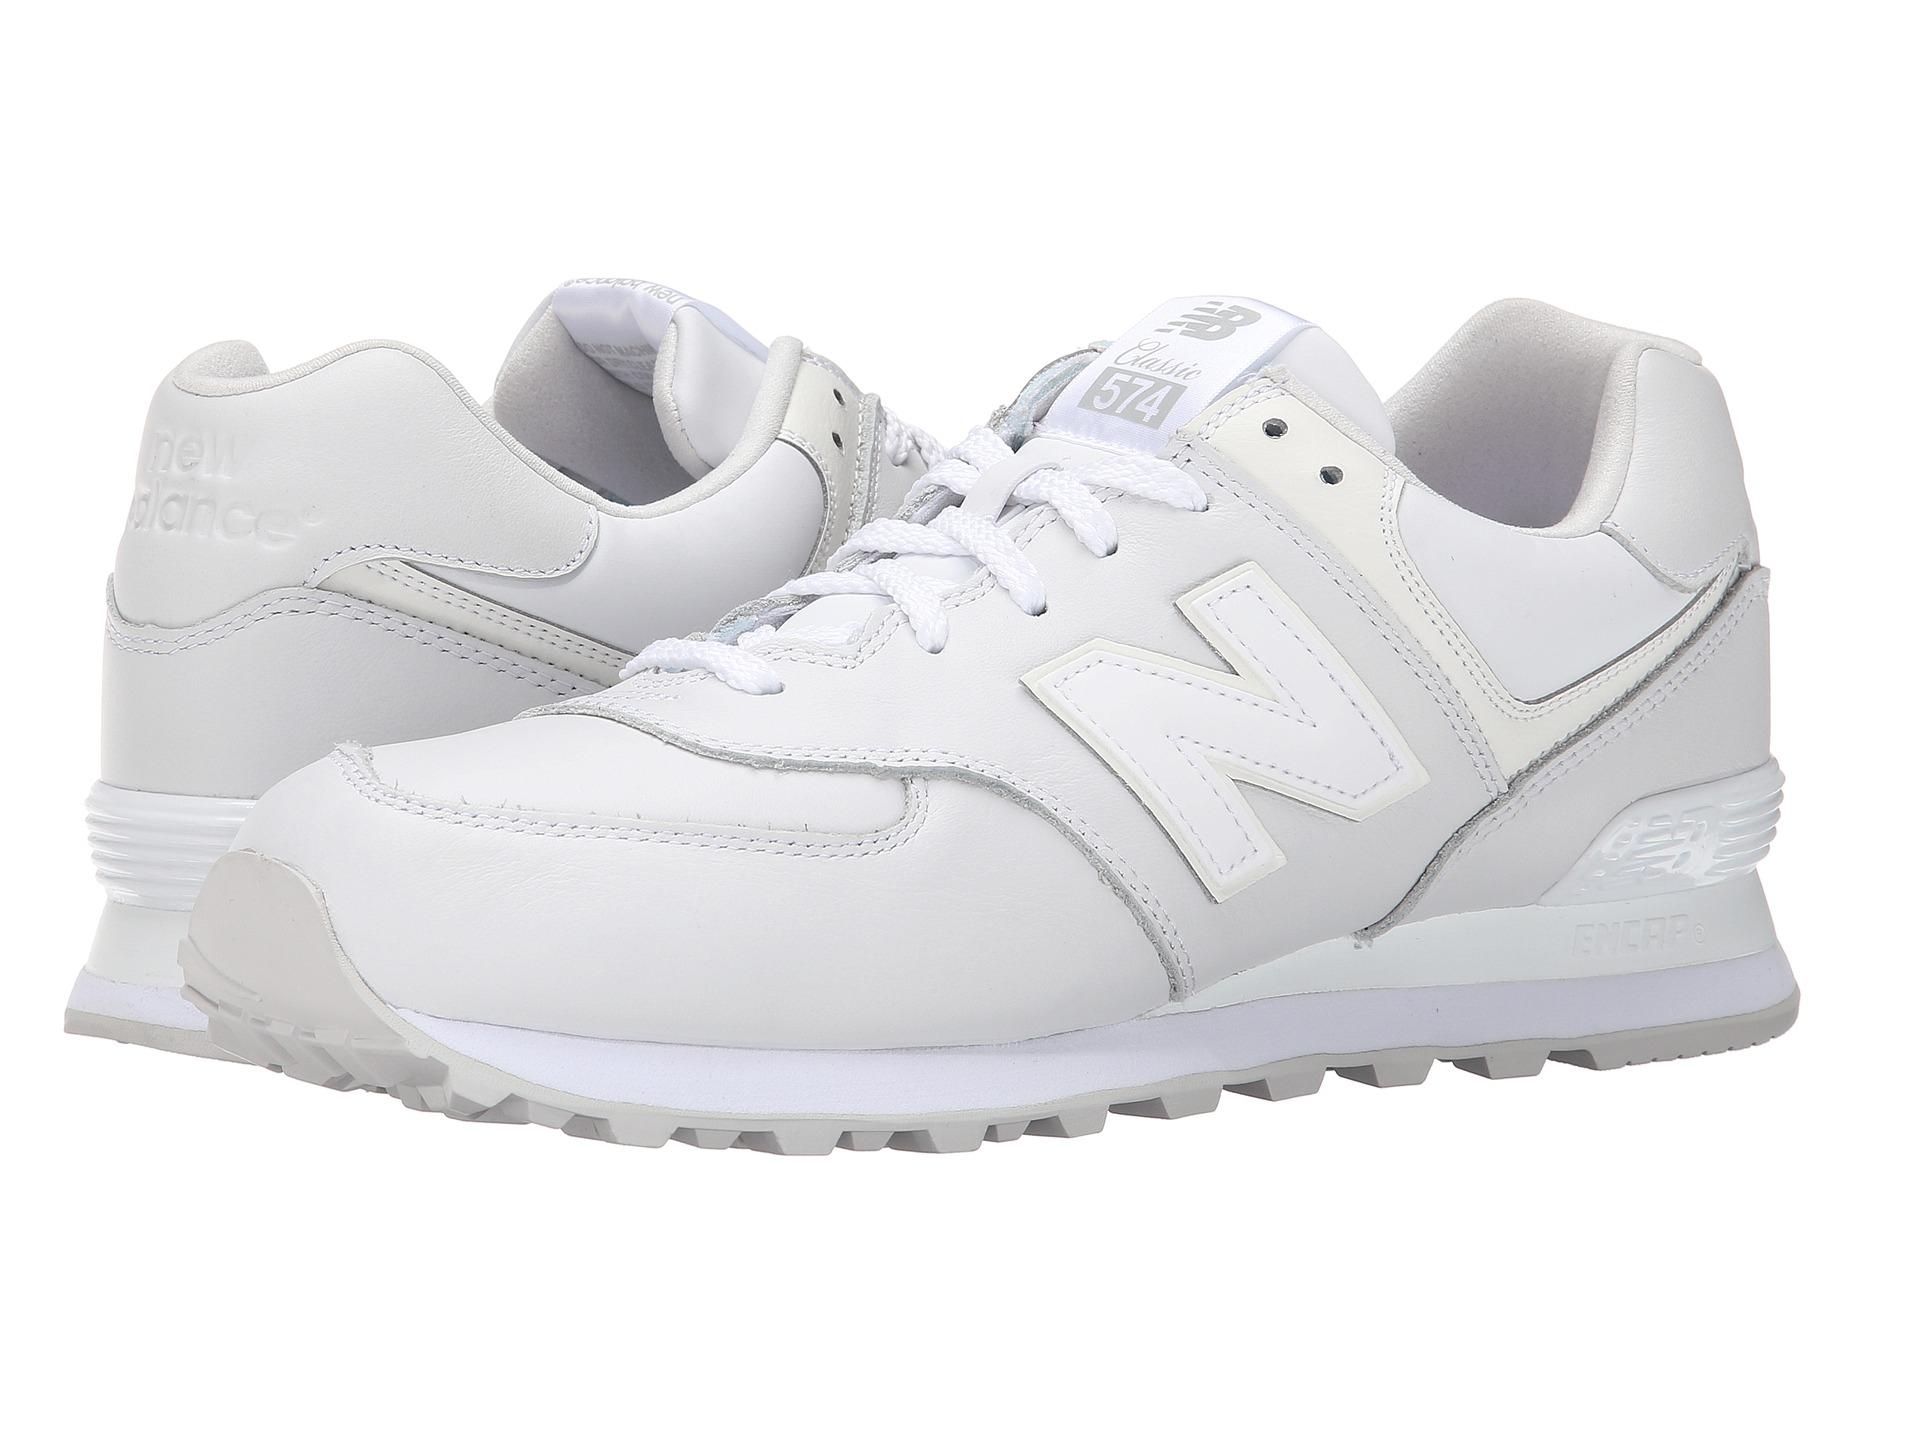 new balance ml574 white